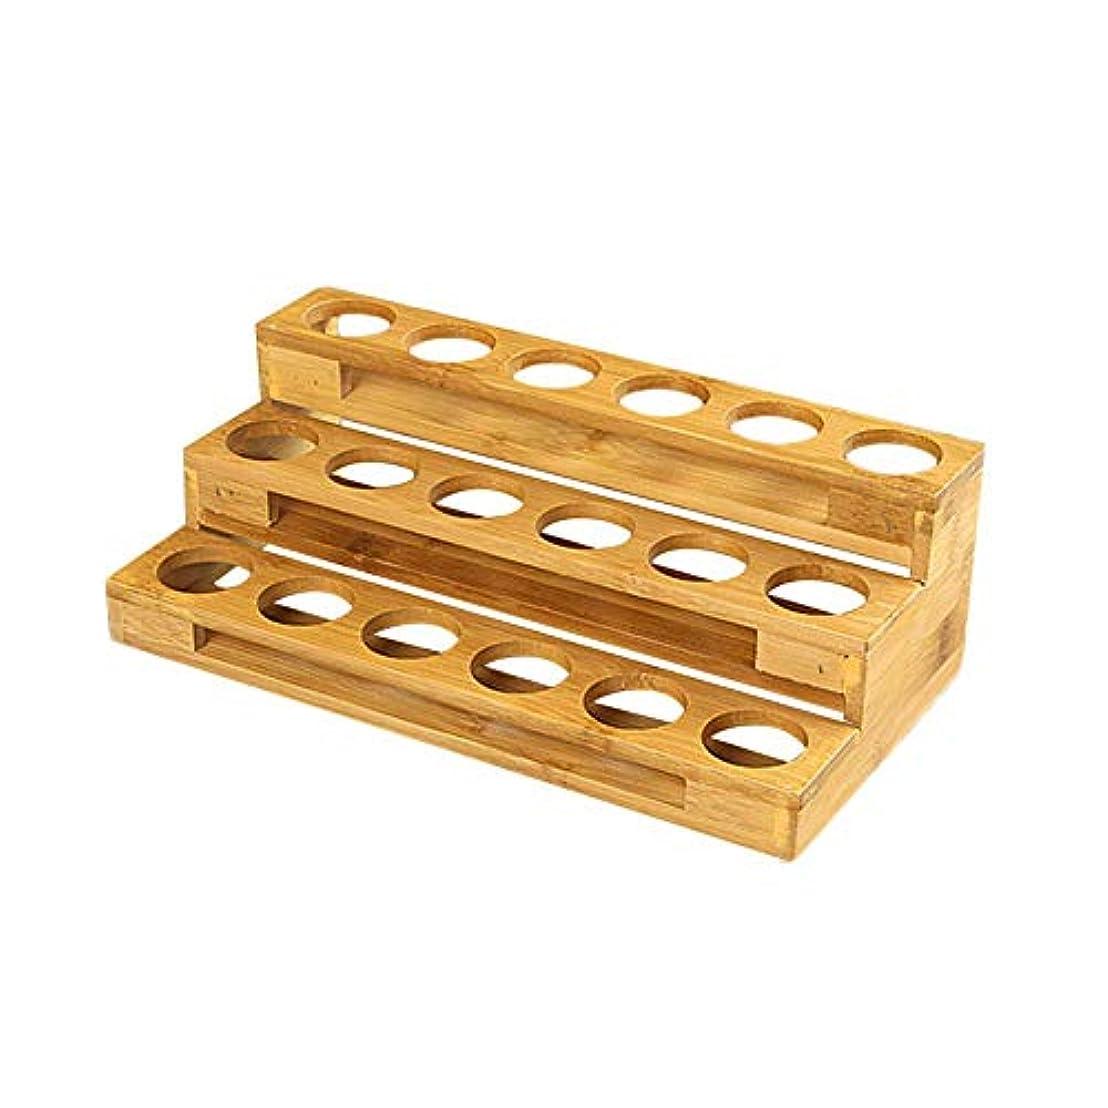 ピッチャーカートン希望に満ちたエッセンシャルオイル収納ボックス 自然木製 エッセンシャルオイルオイル 収納 ボックス 香水収納ケース はしごタイプ アロマオイル収納ボックス 18本用